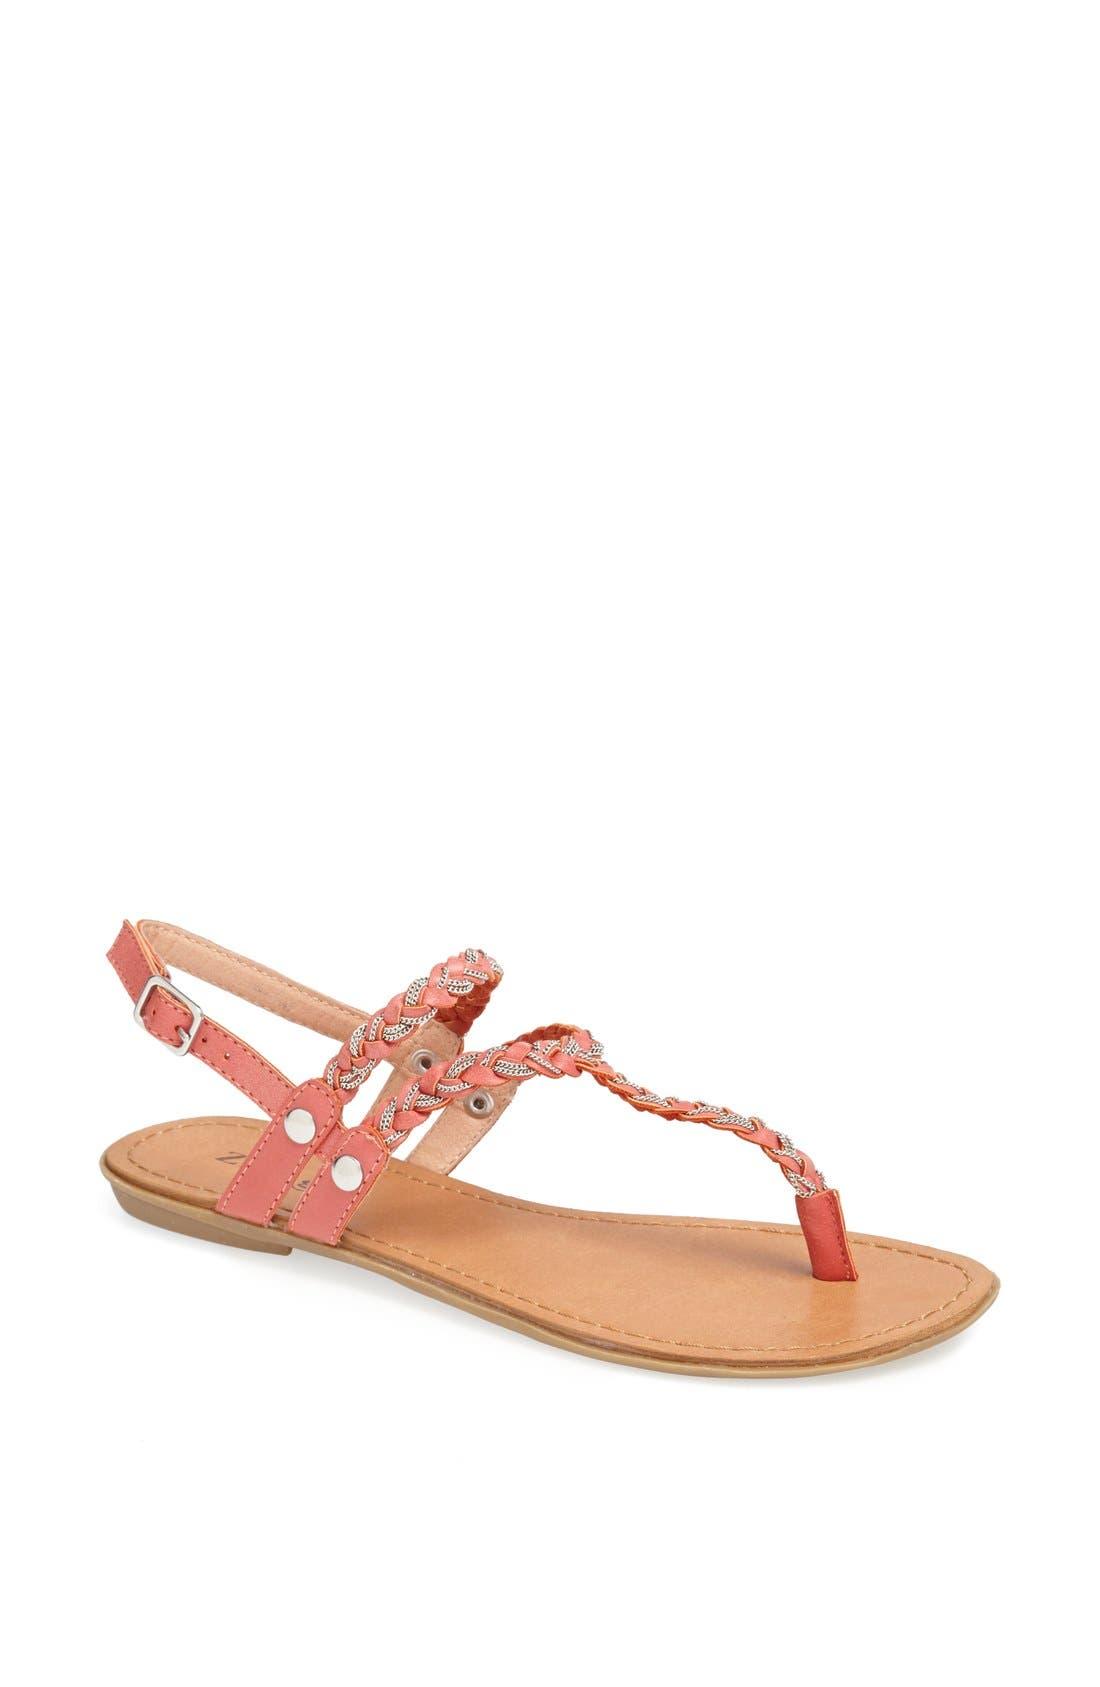 Alternate Image 1 Selected - ZiGi girl 'Articulate' Sandal